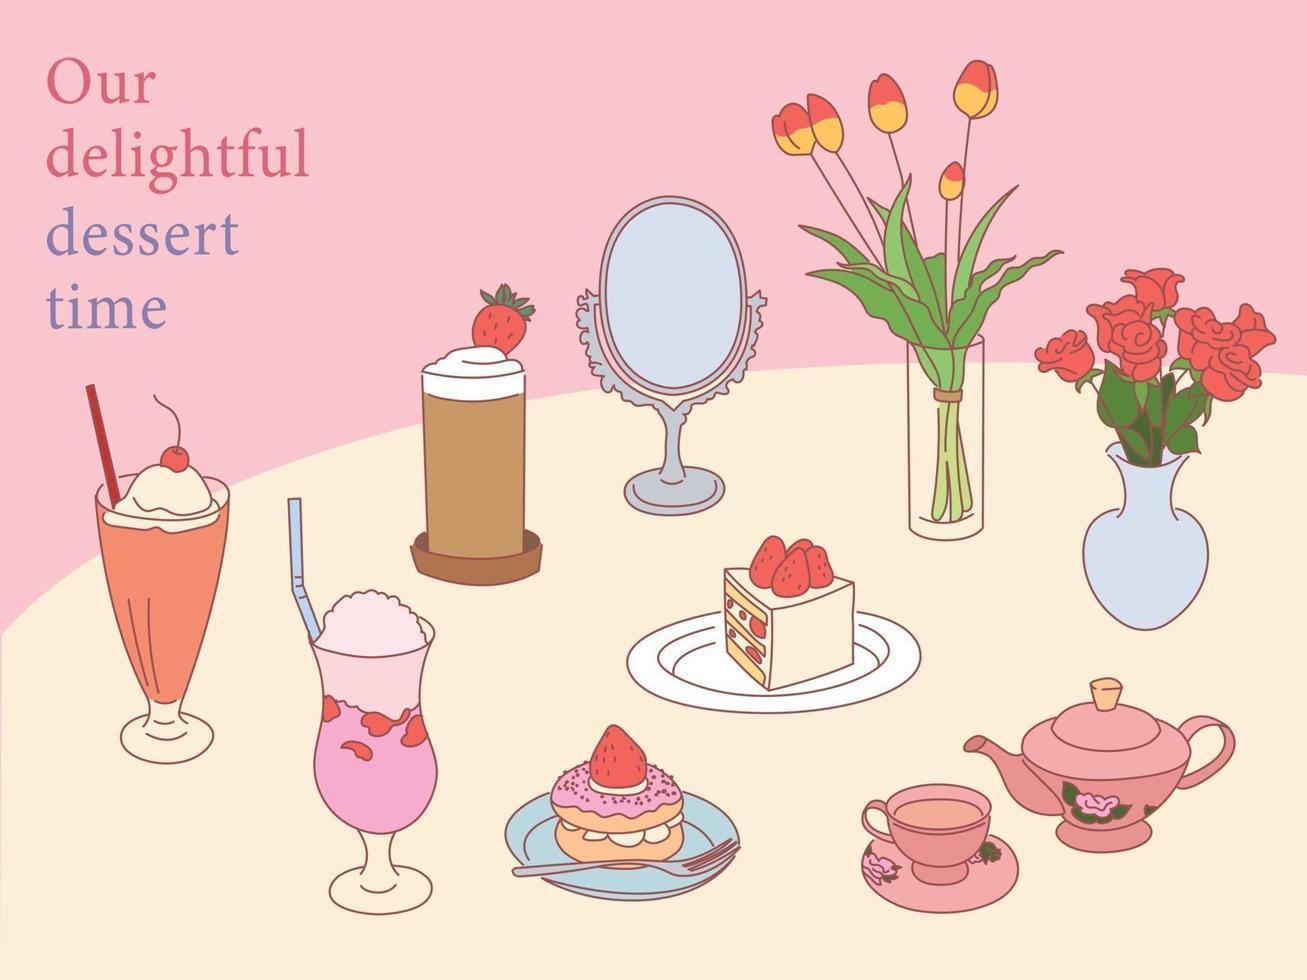 romantiska jordgubbsdesserter på bordet. handritade stilvektordesignillustrationer. vektor